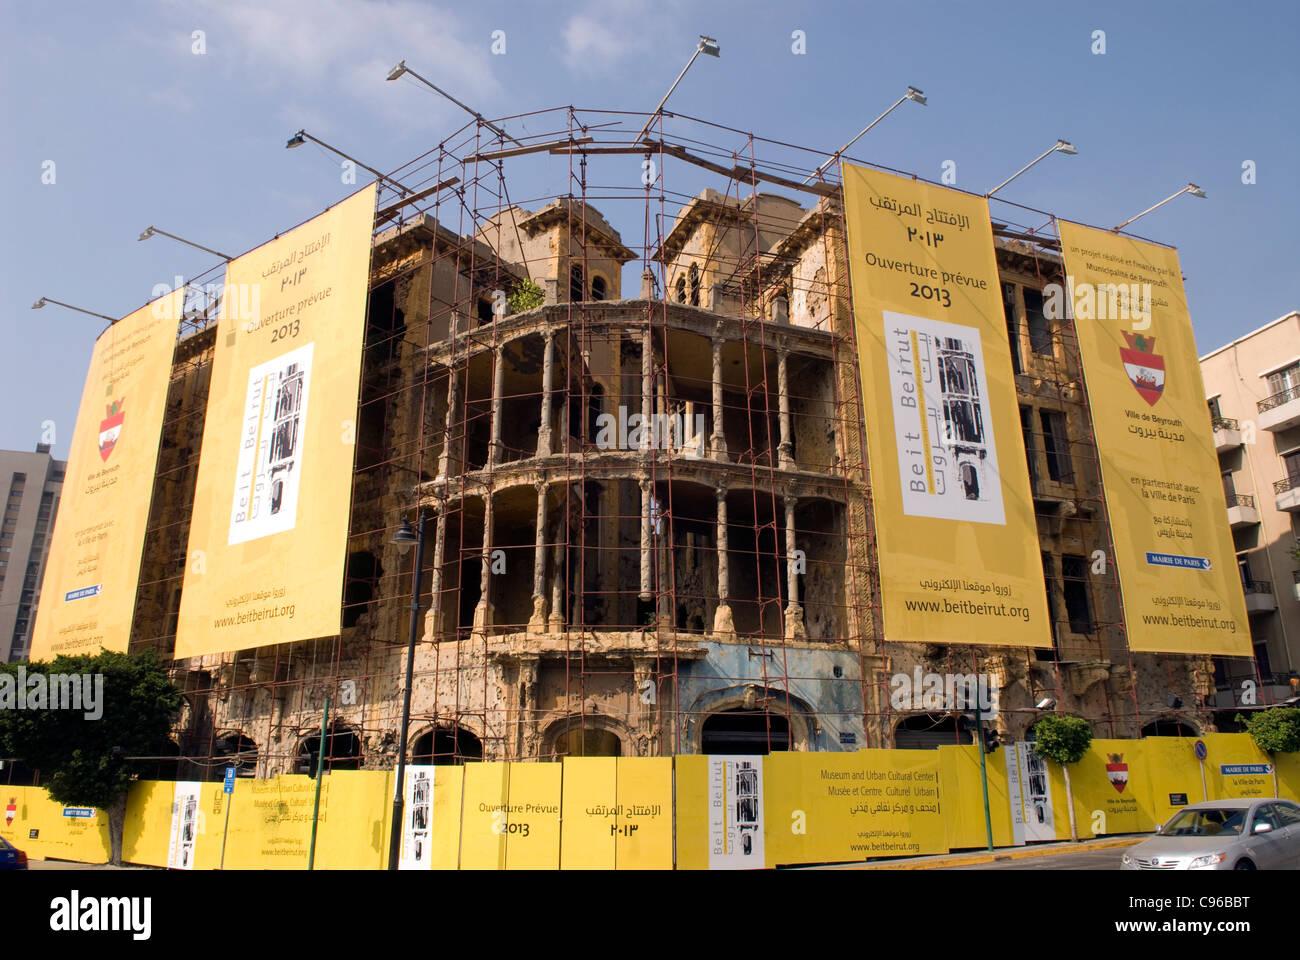 Barakat Gebäude, Beirut, Libanon. Dieser Krieg beschädigte Gebäude in ein kulturelles Museum umgewandelt Stockbild